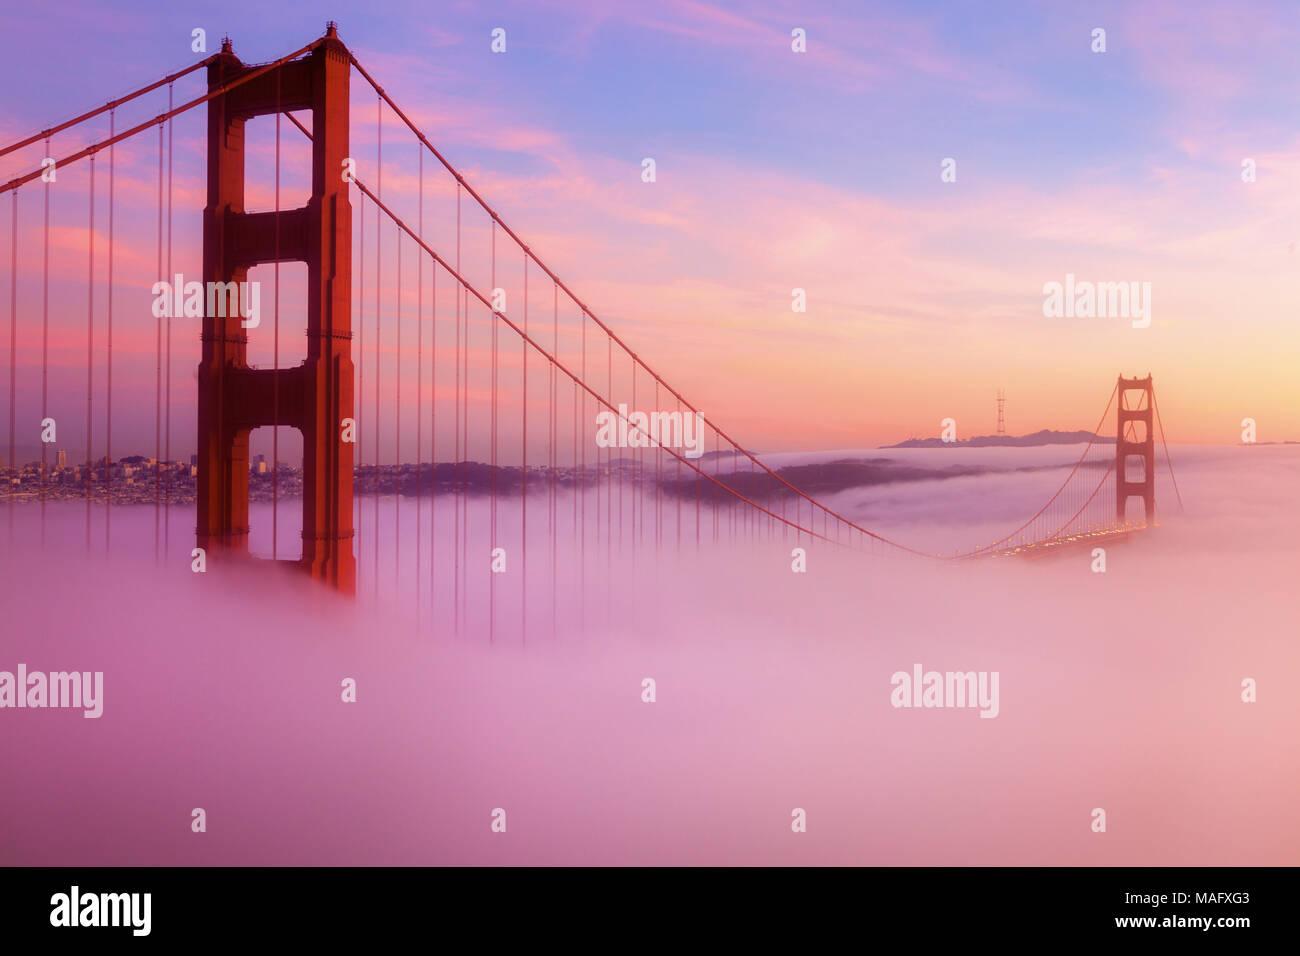 El Puente Golden Gate, es un destino turístico popuar en San Francisco, California. Imagen De Stock